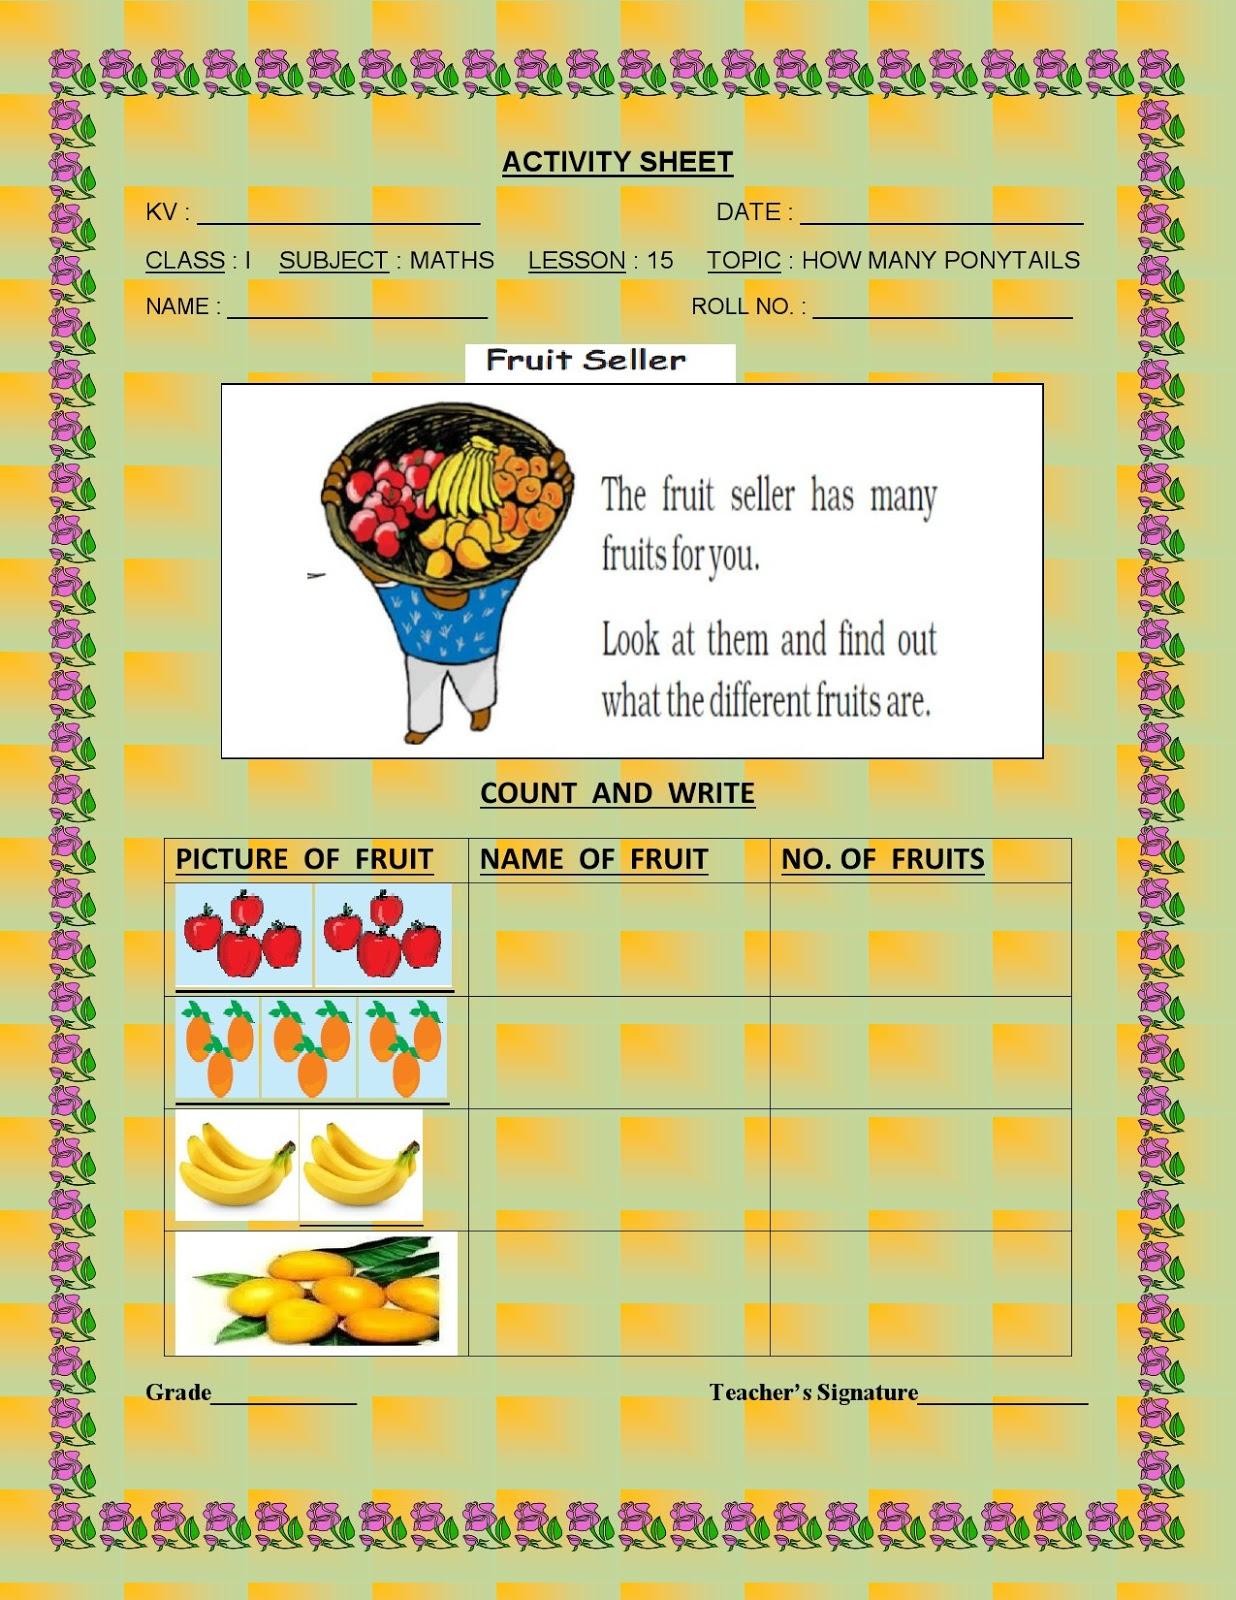 worksheets for kids, worksheets for kindergarten, worksheets for preschool, worksheet math, grade